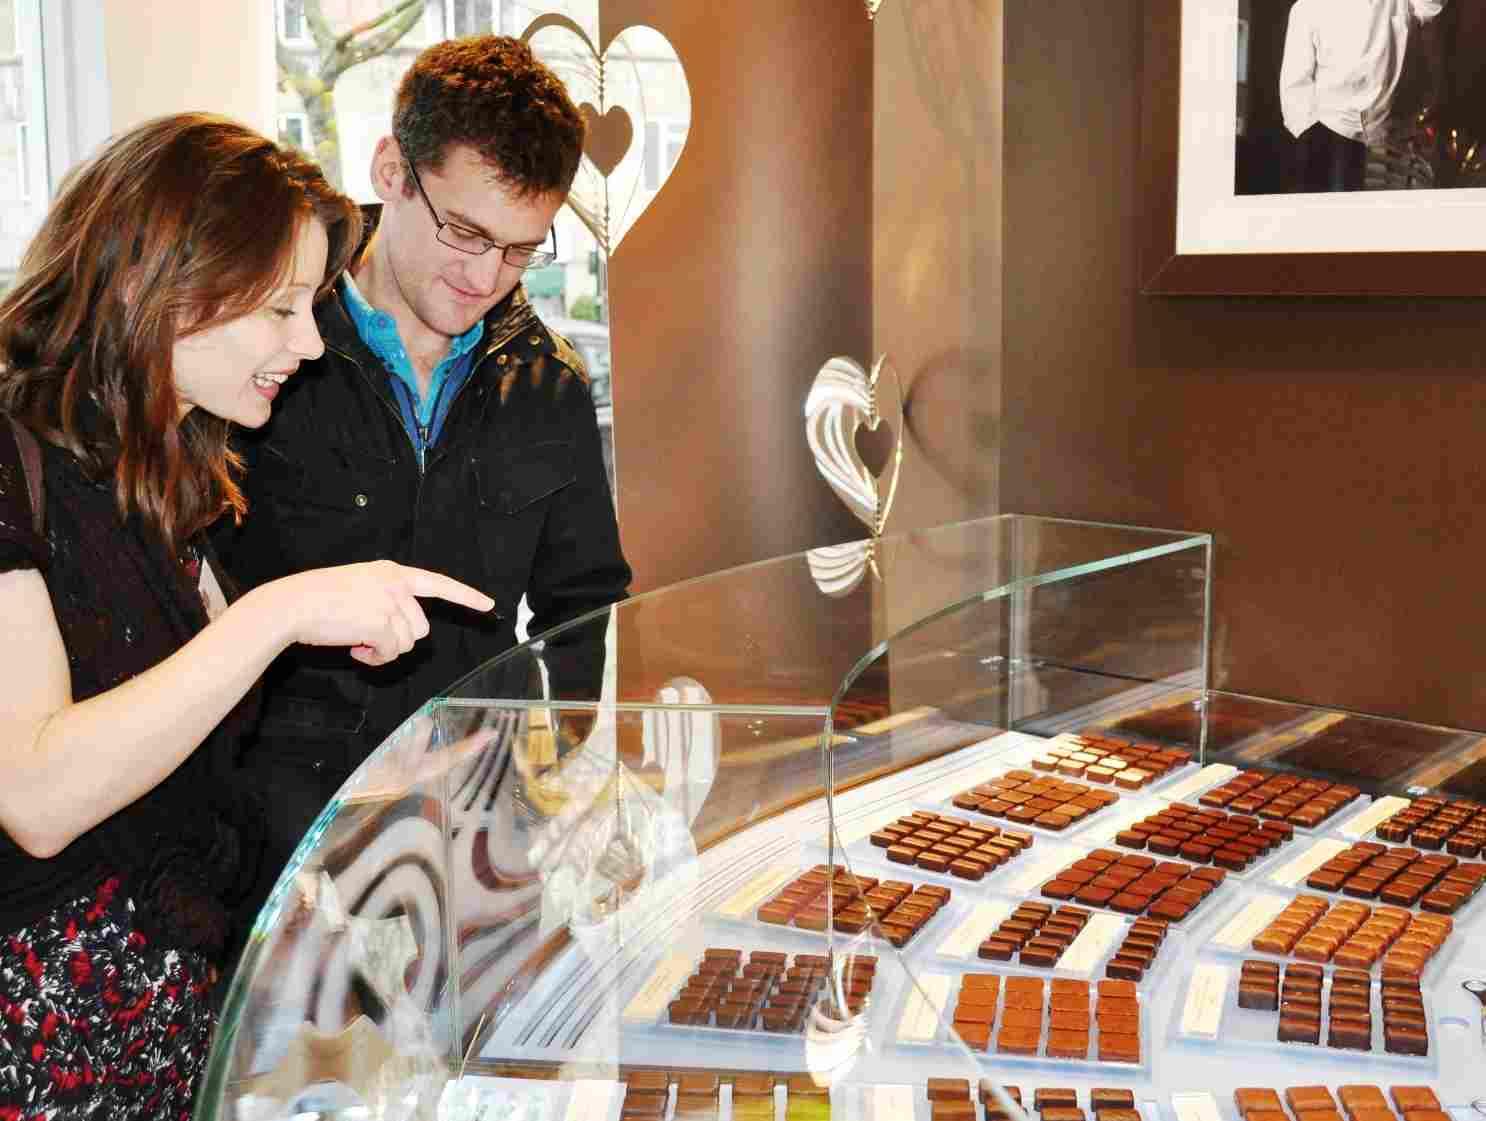 Chocolate Ecstasy Tour Chelsea Tour